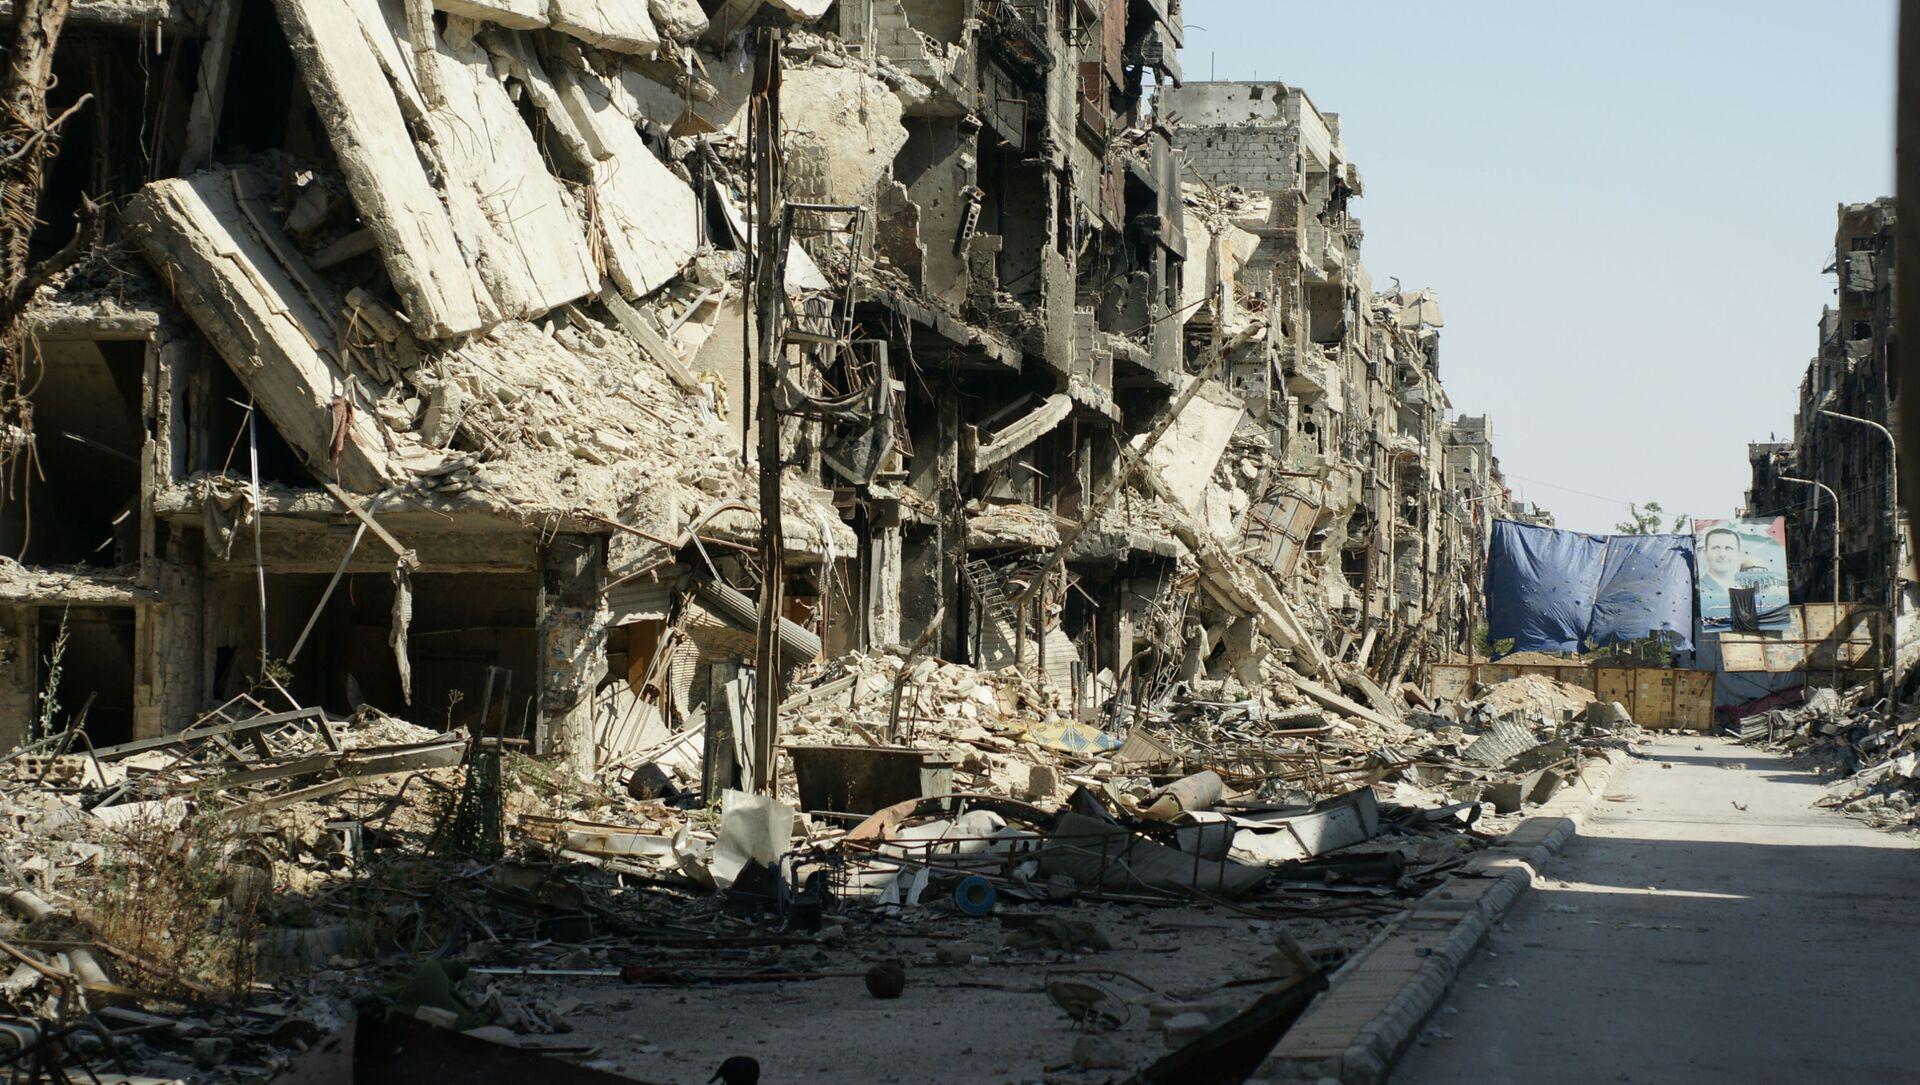 Zniszczenia w Damaszku, Syria - Sputnik Polska, 1920, 19.04.2021